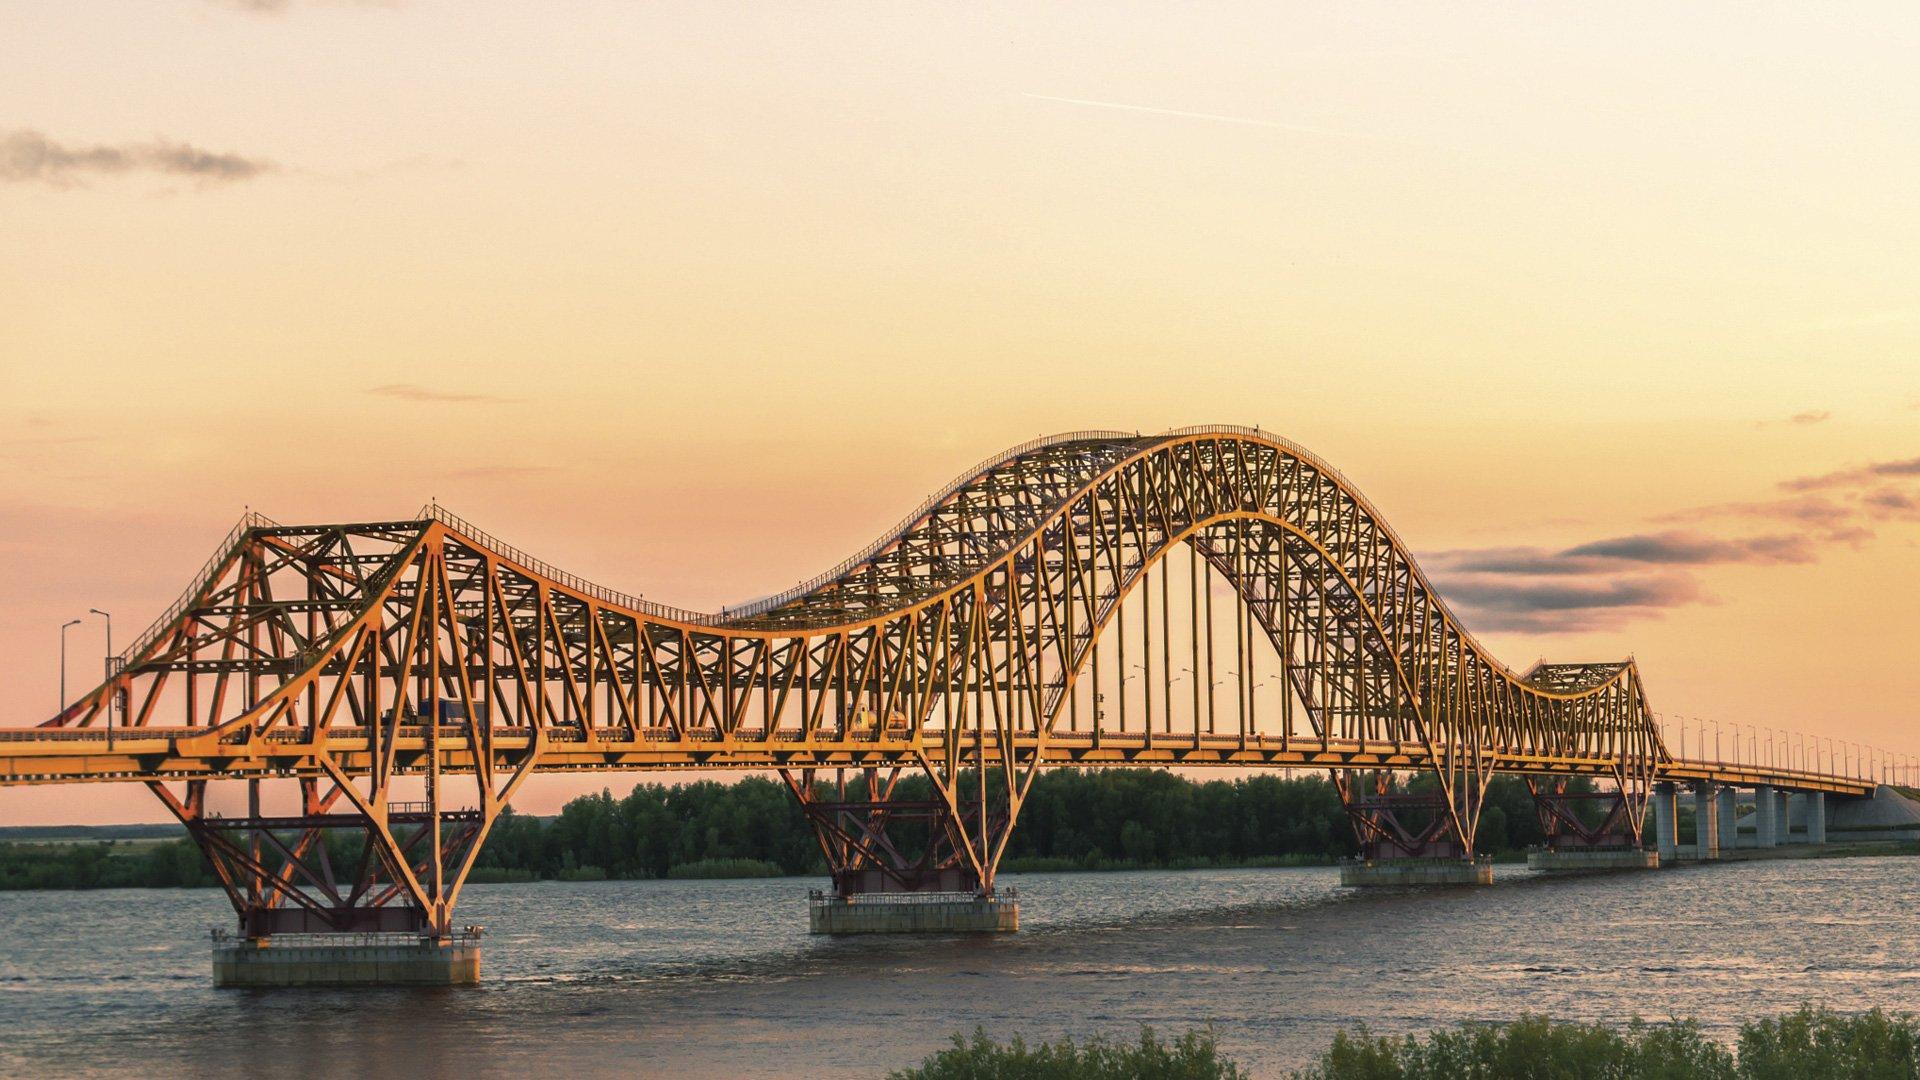 Госавтоинспекция Югры информирует о введении временного ограничения движения автотранспорта по мосту через реку Иртыш в Ханты-Мансийске.